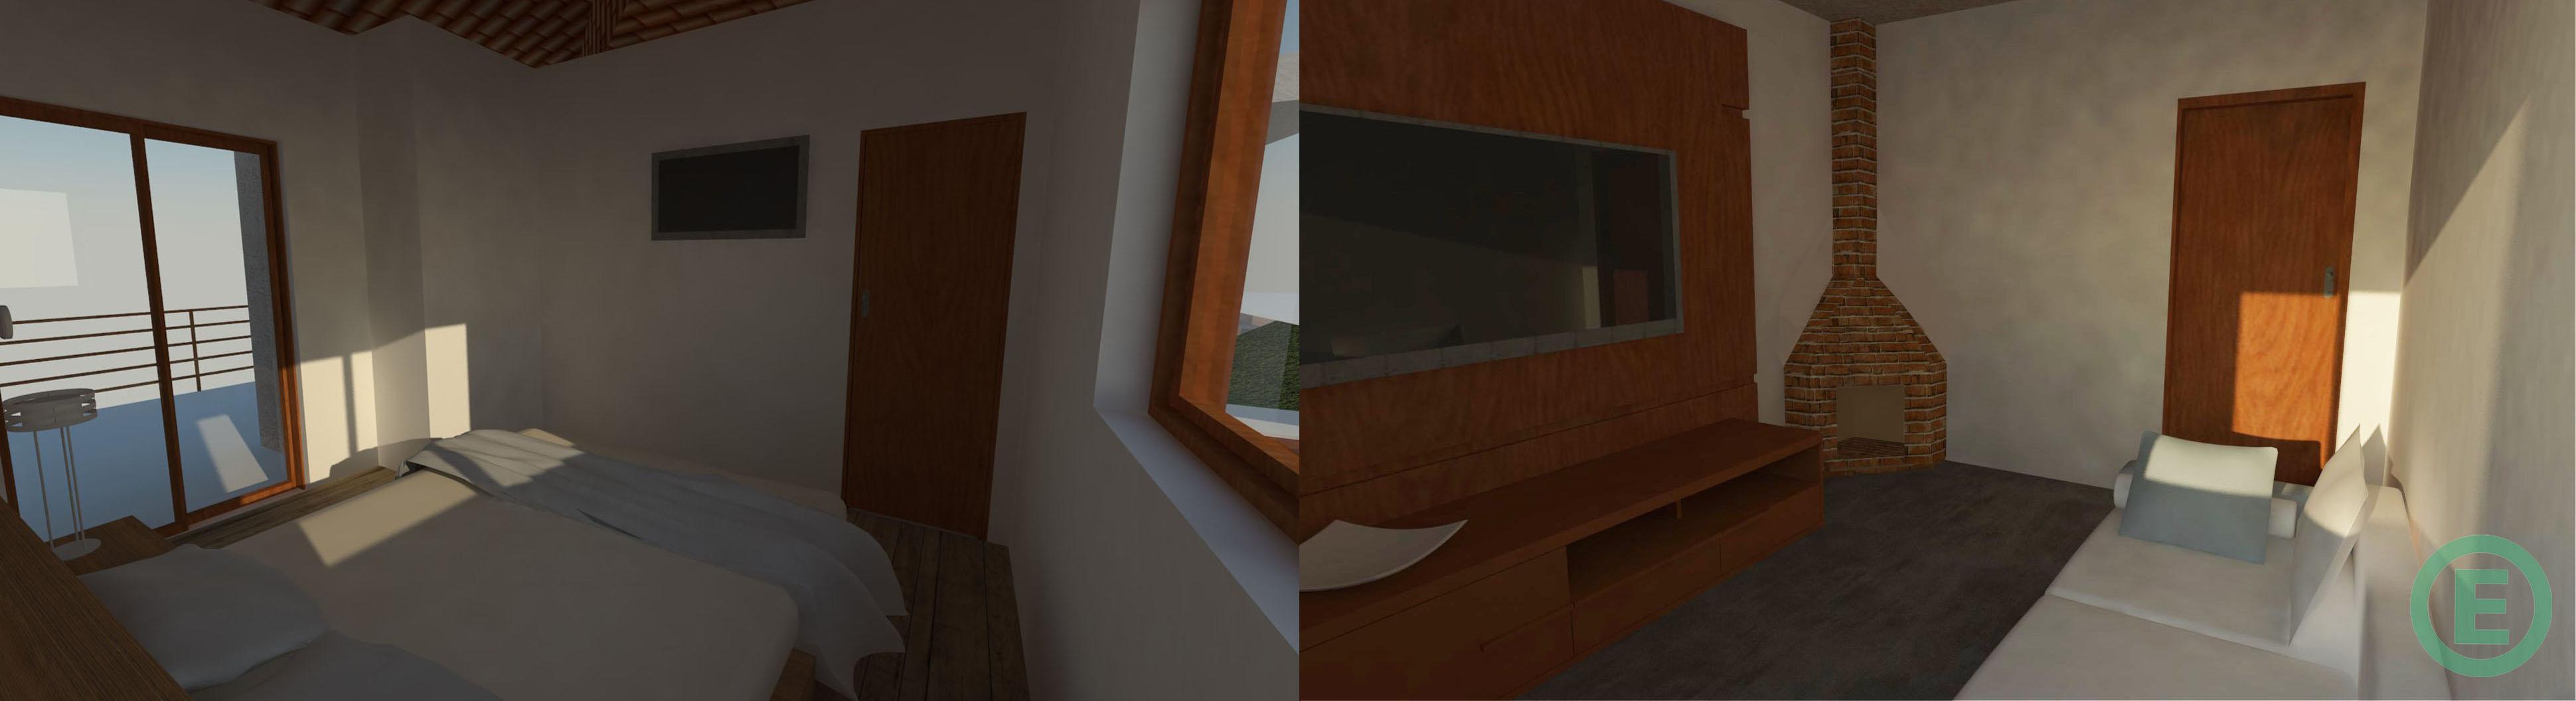 arquitetura-sustentavel-arquitetura-bioclimatica3